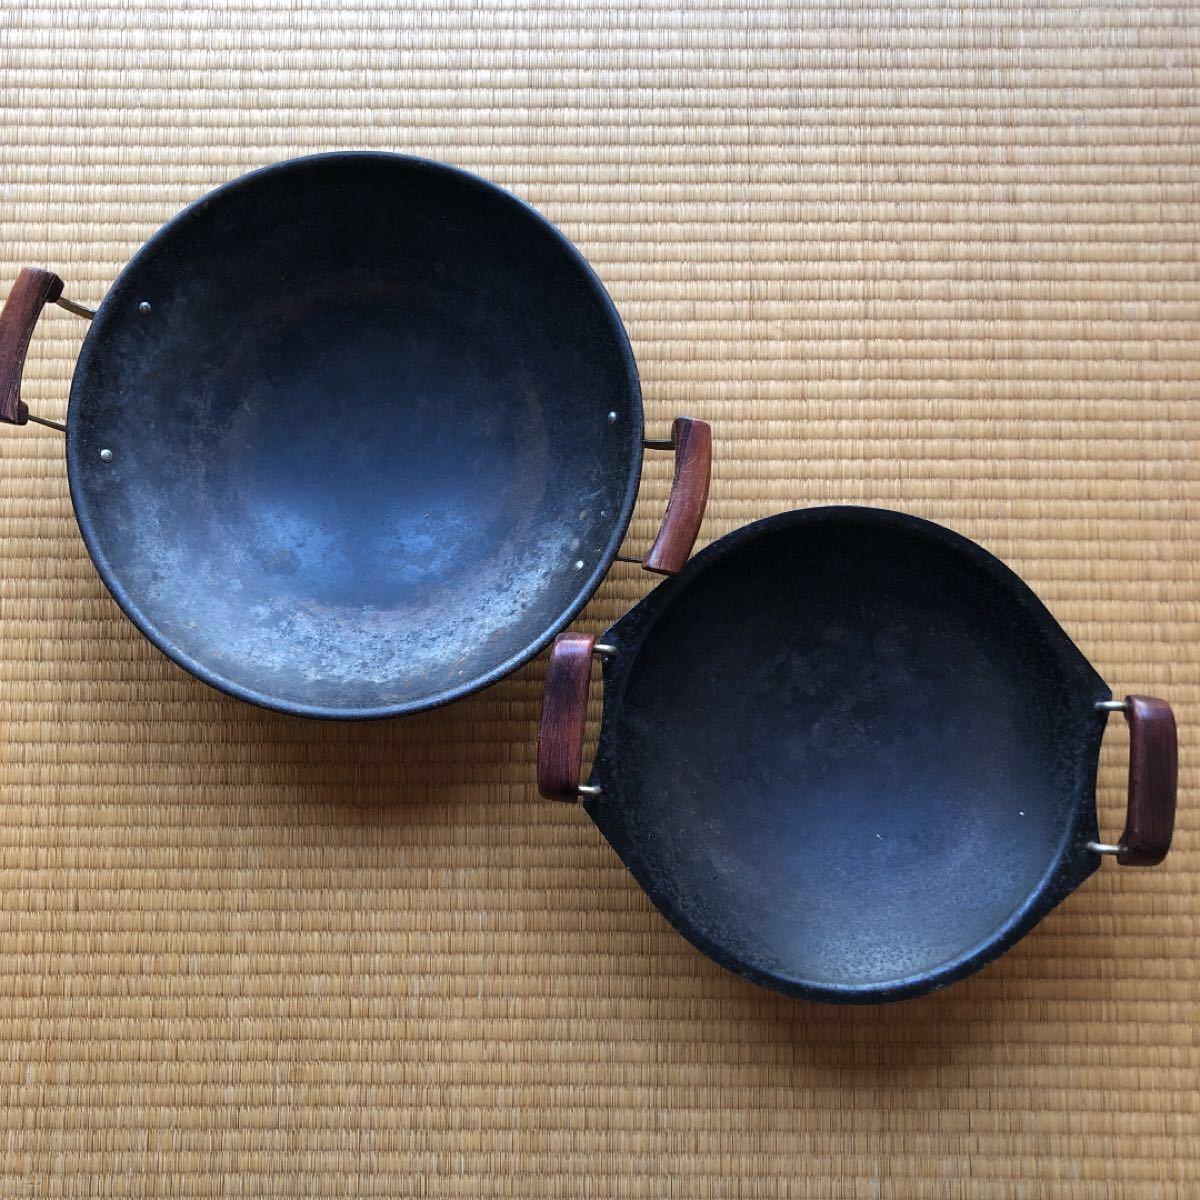 【★】中華鍋 レジャー アウトドア 昭和レトロ ダッチオーブン